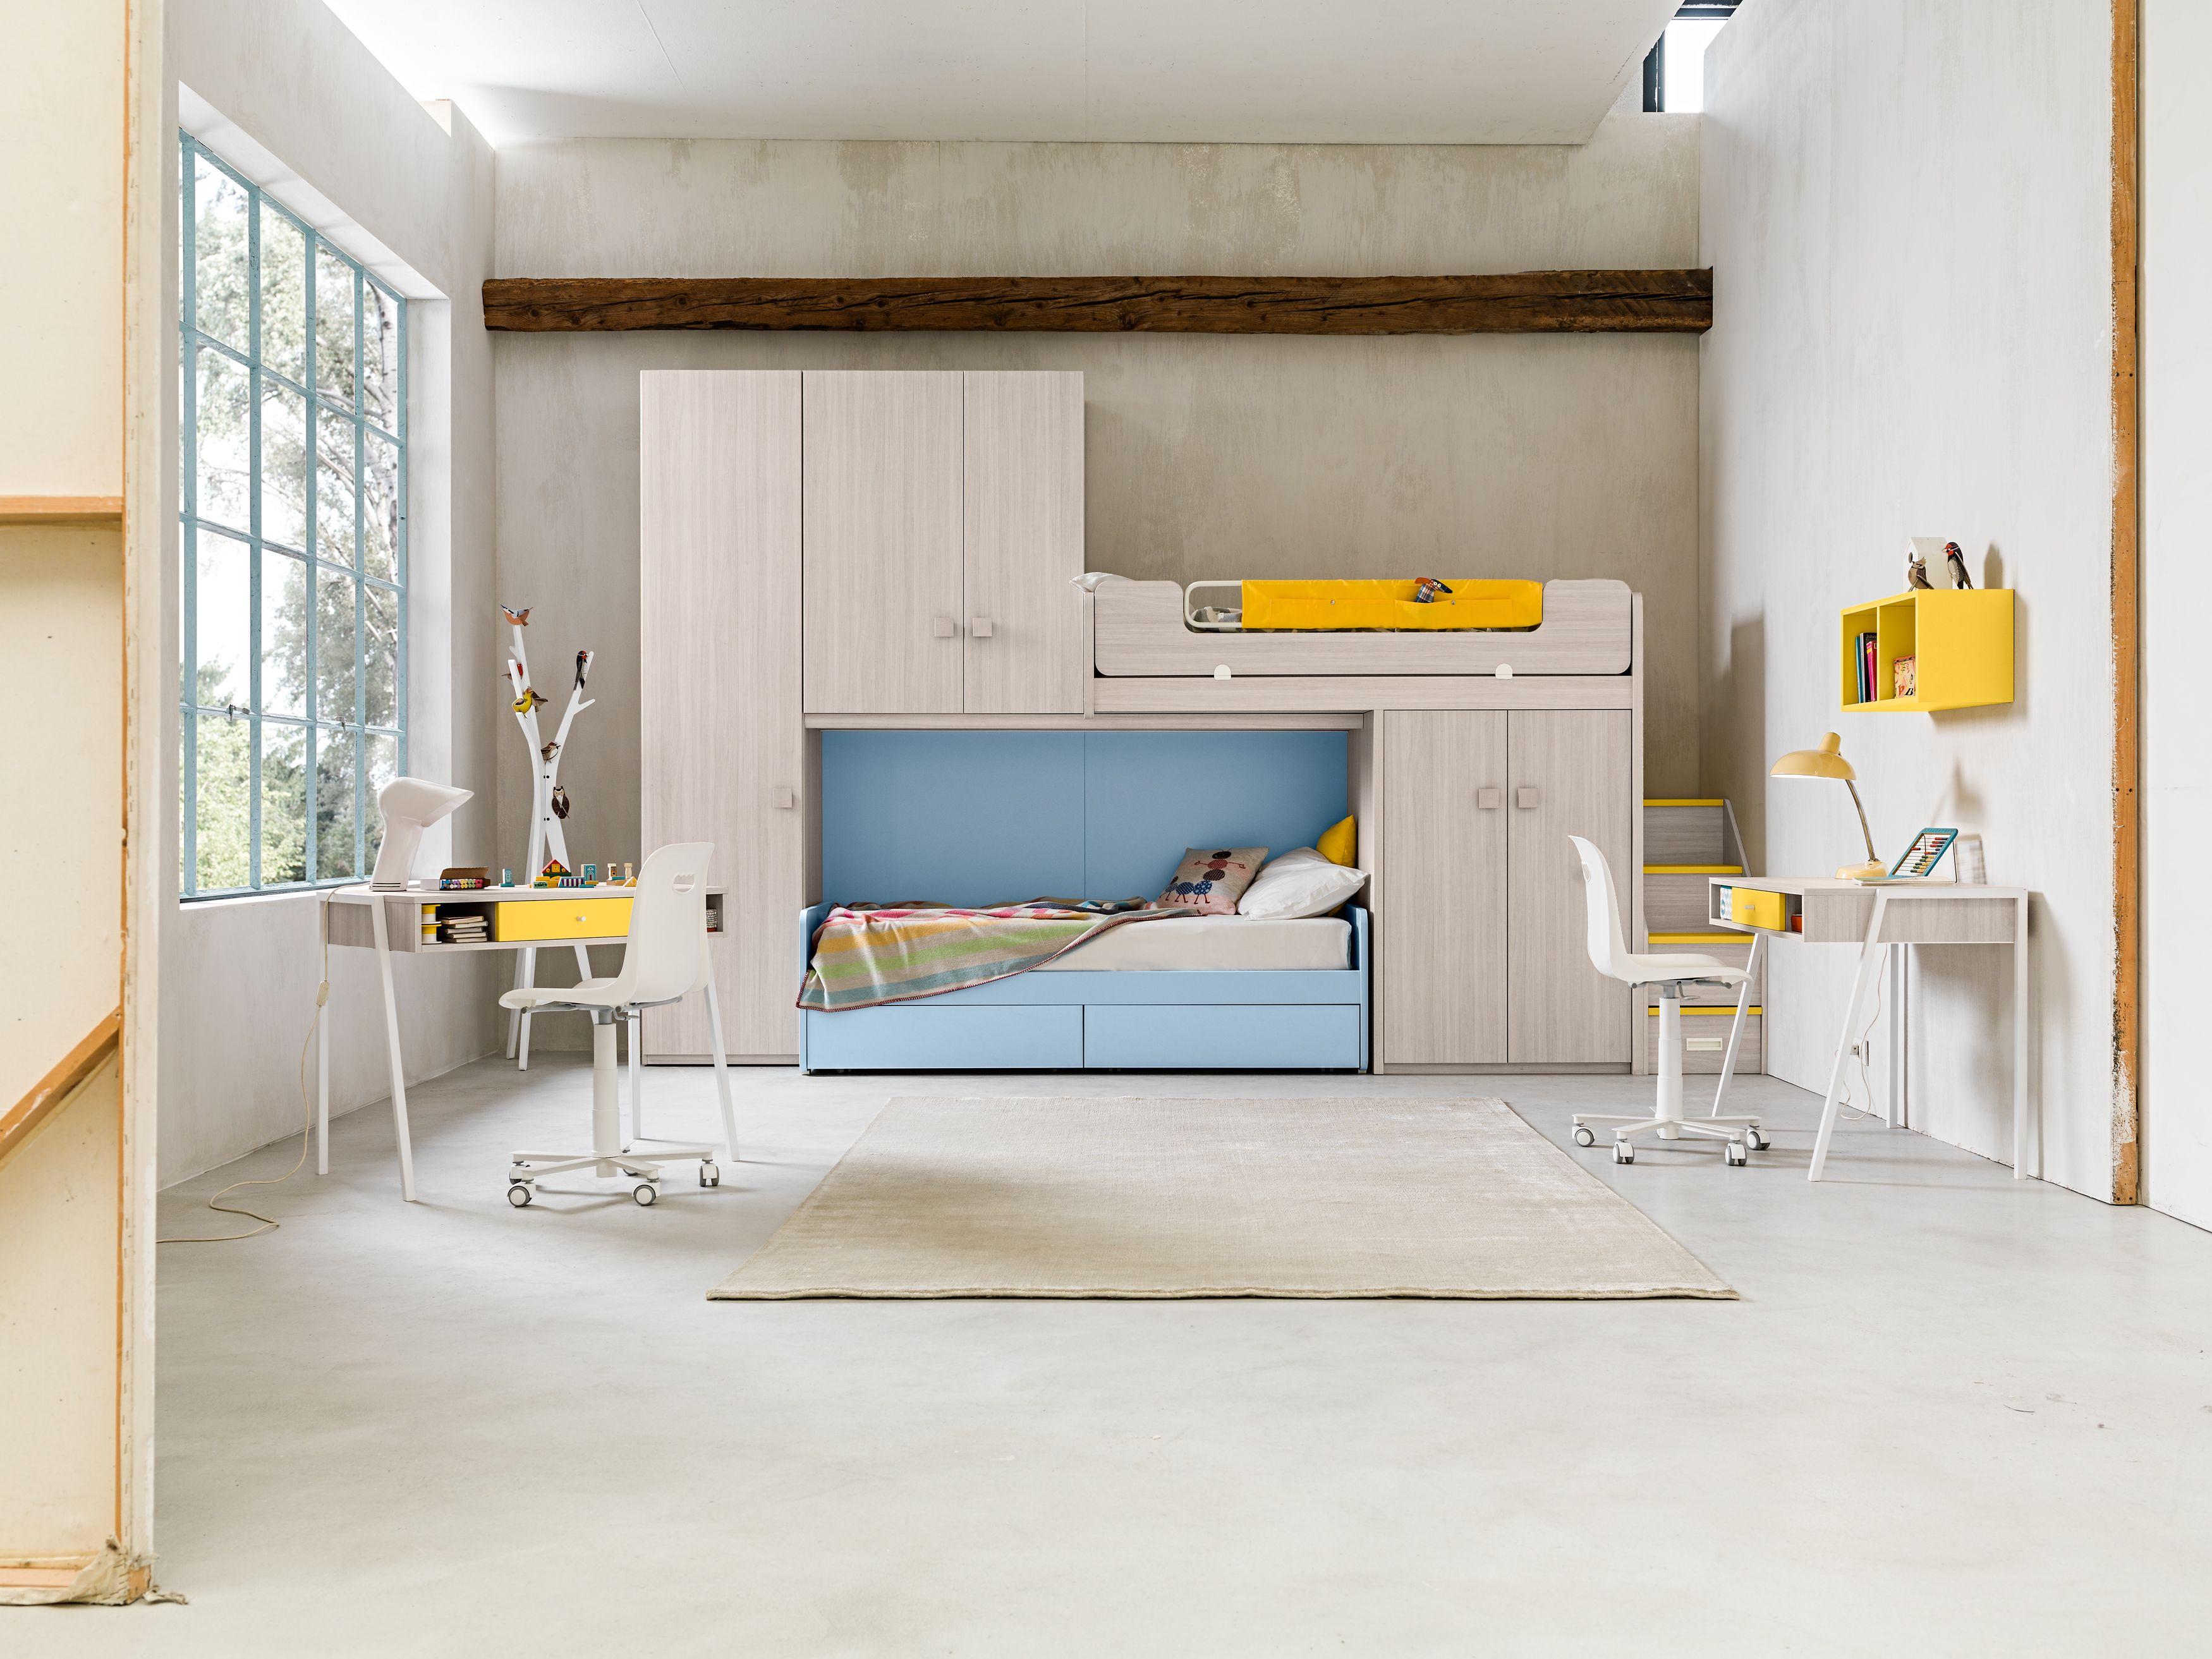 Cameretta moderna design componibile su misura per bambini e ...